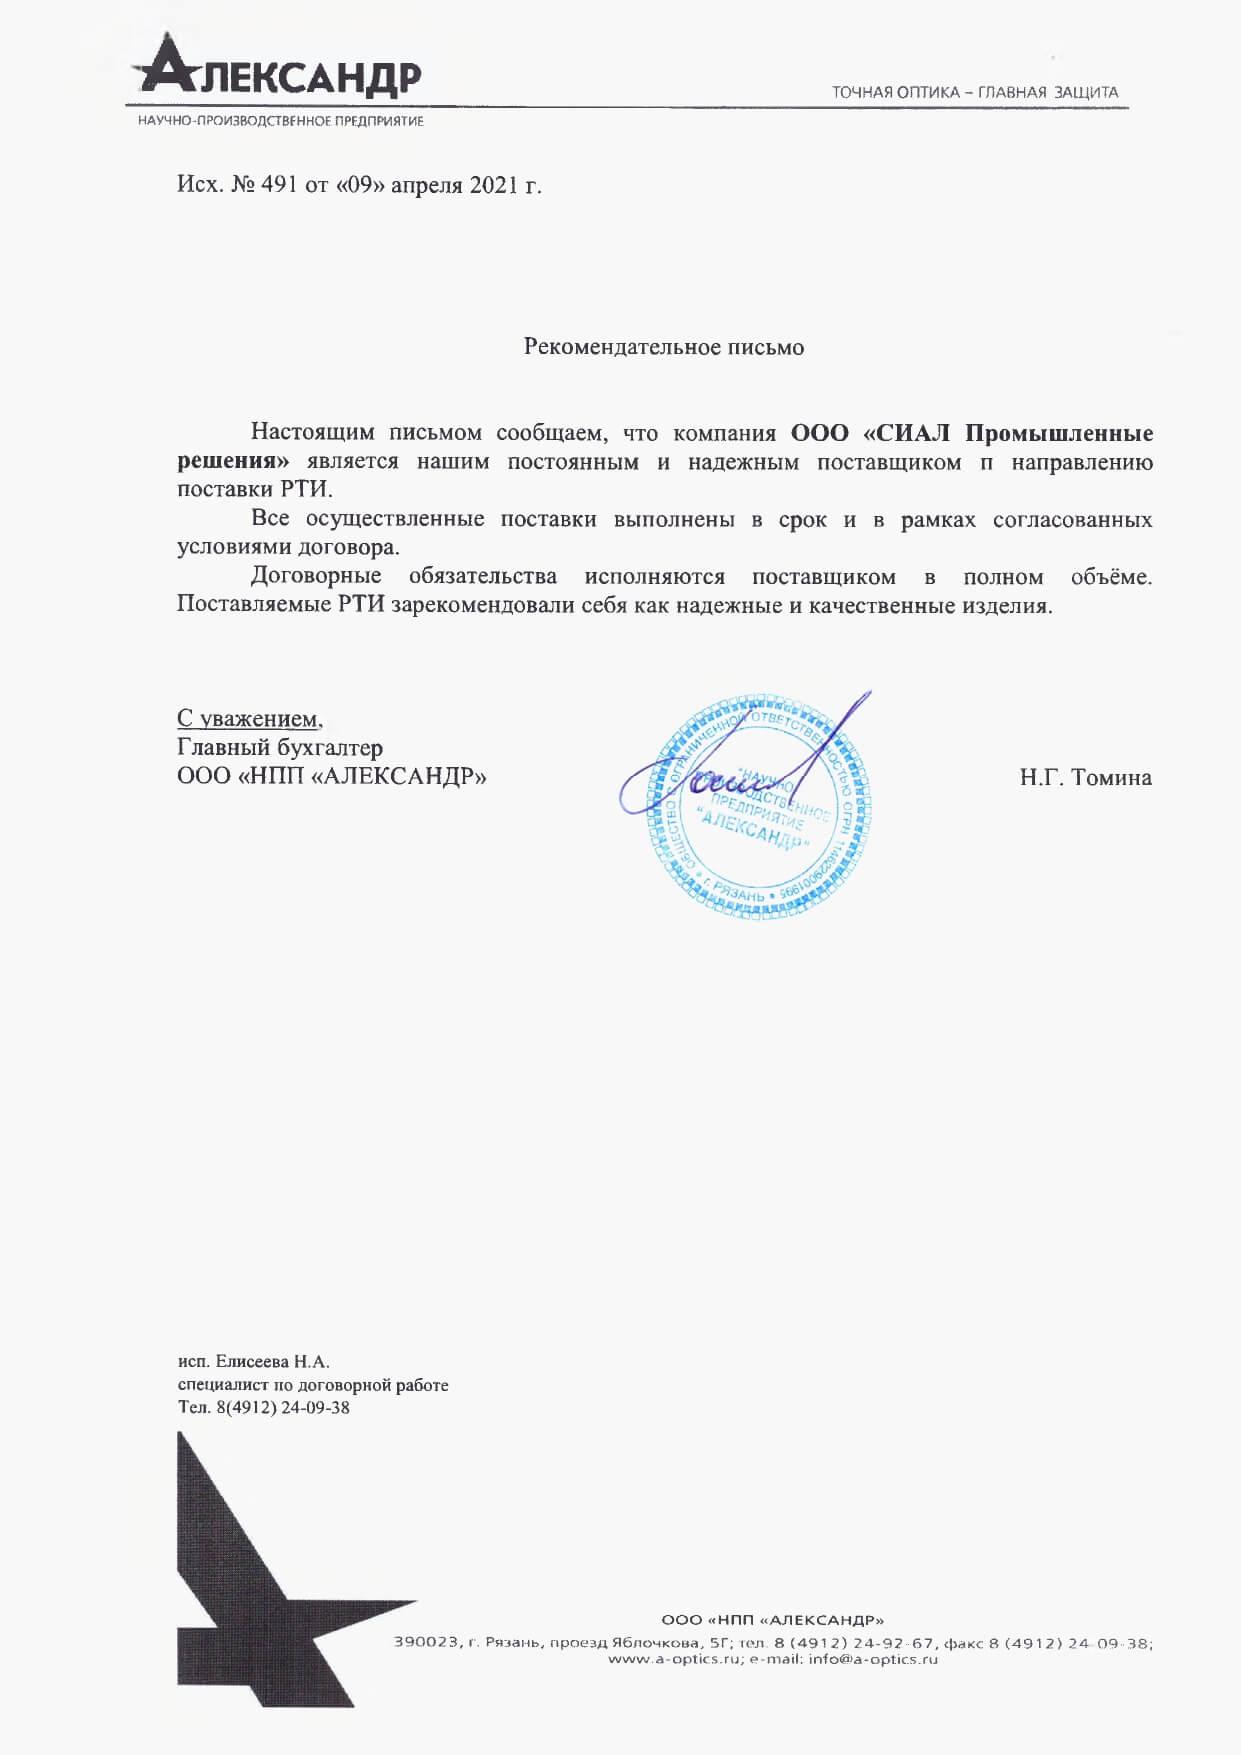 """Рекомендательное письмо от ООО """"НПП """"Александр"""""""